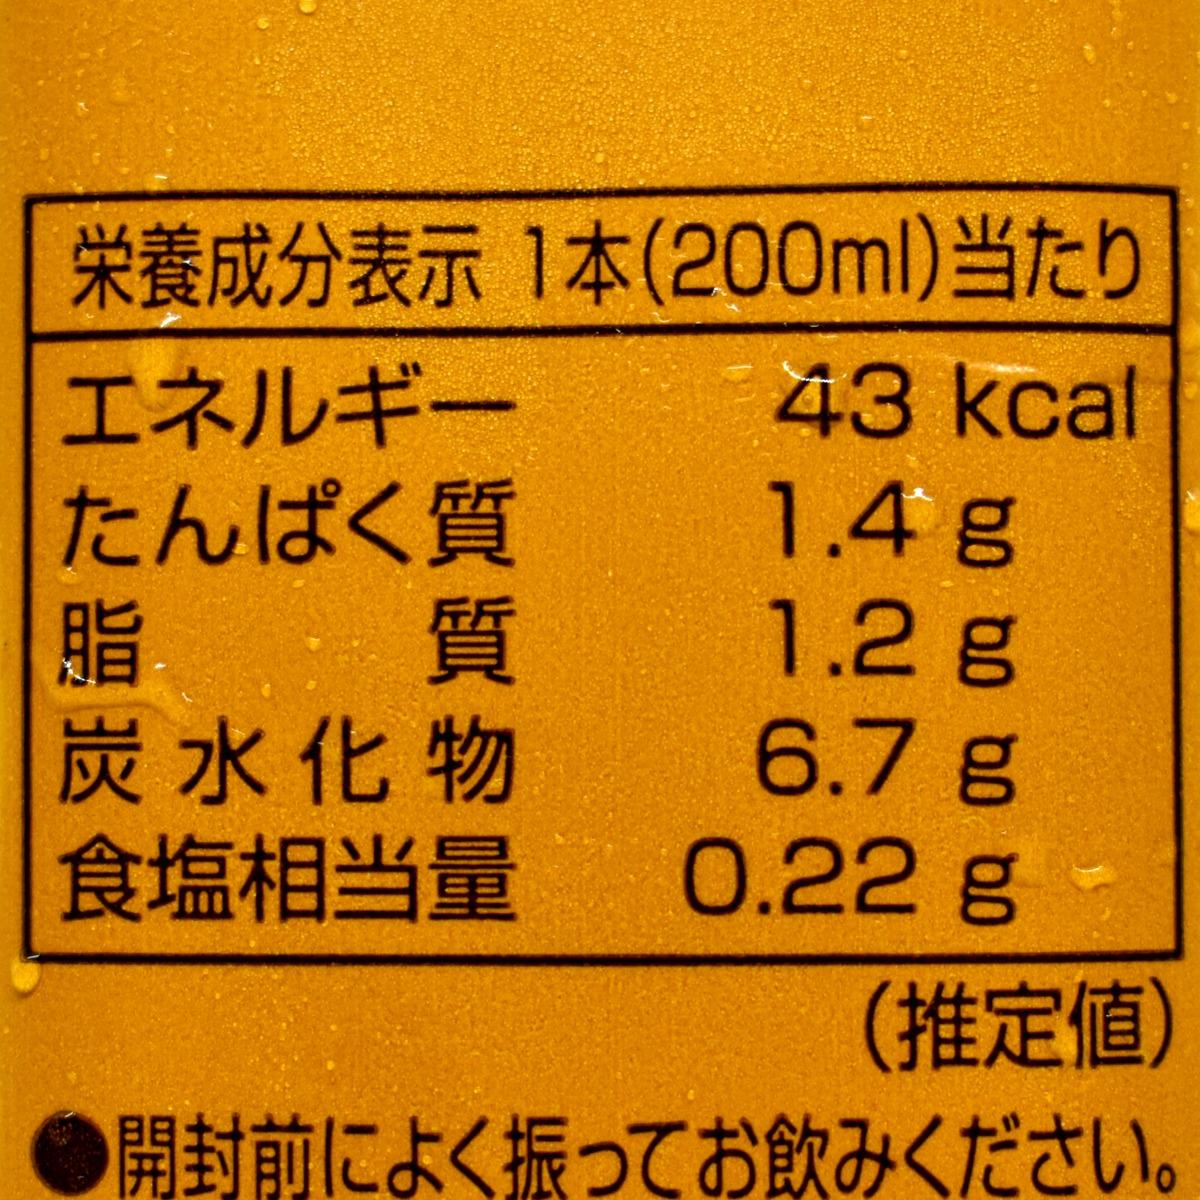 明治COFFEEブレンドコーヒーの栄養成分表示